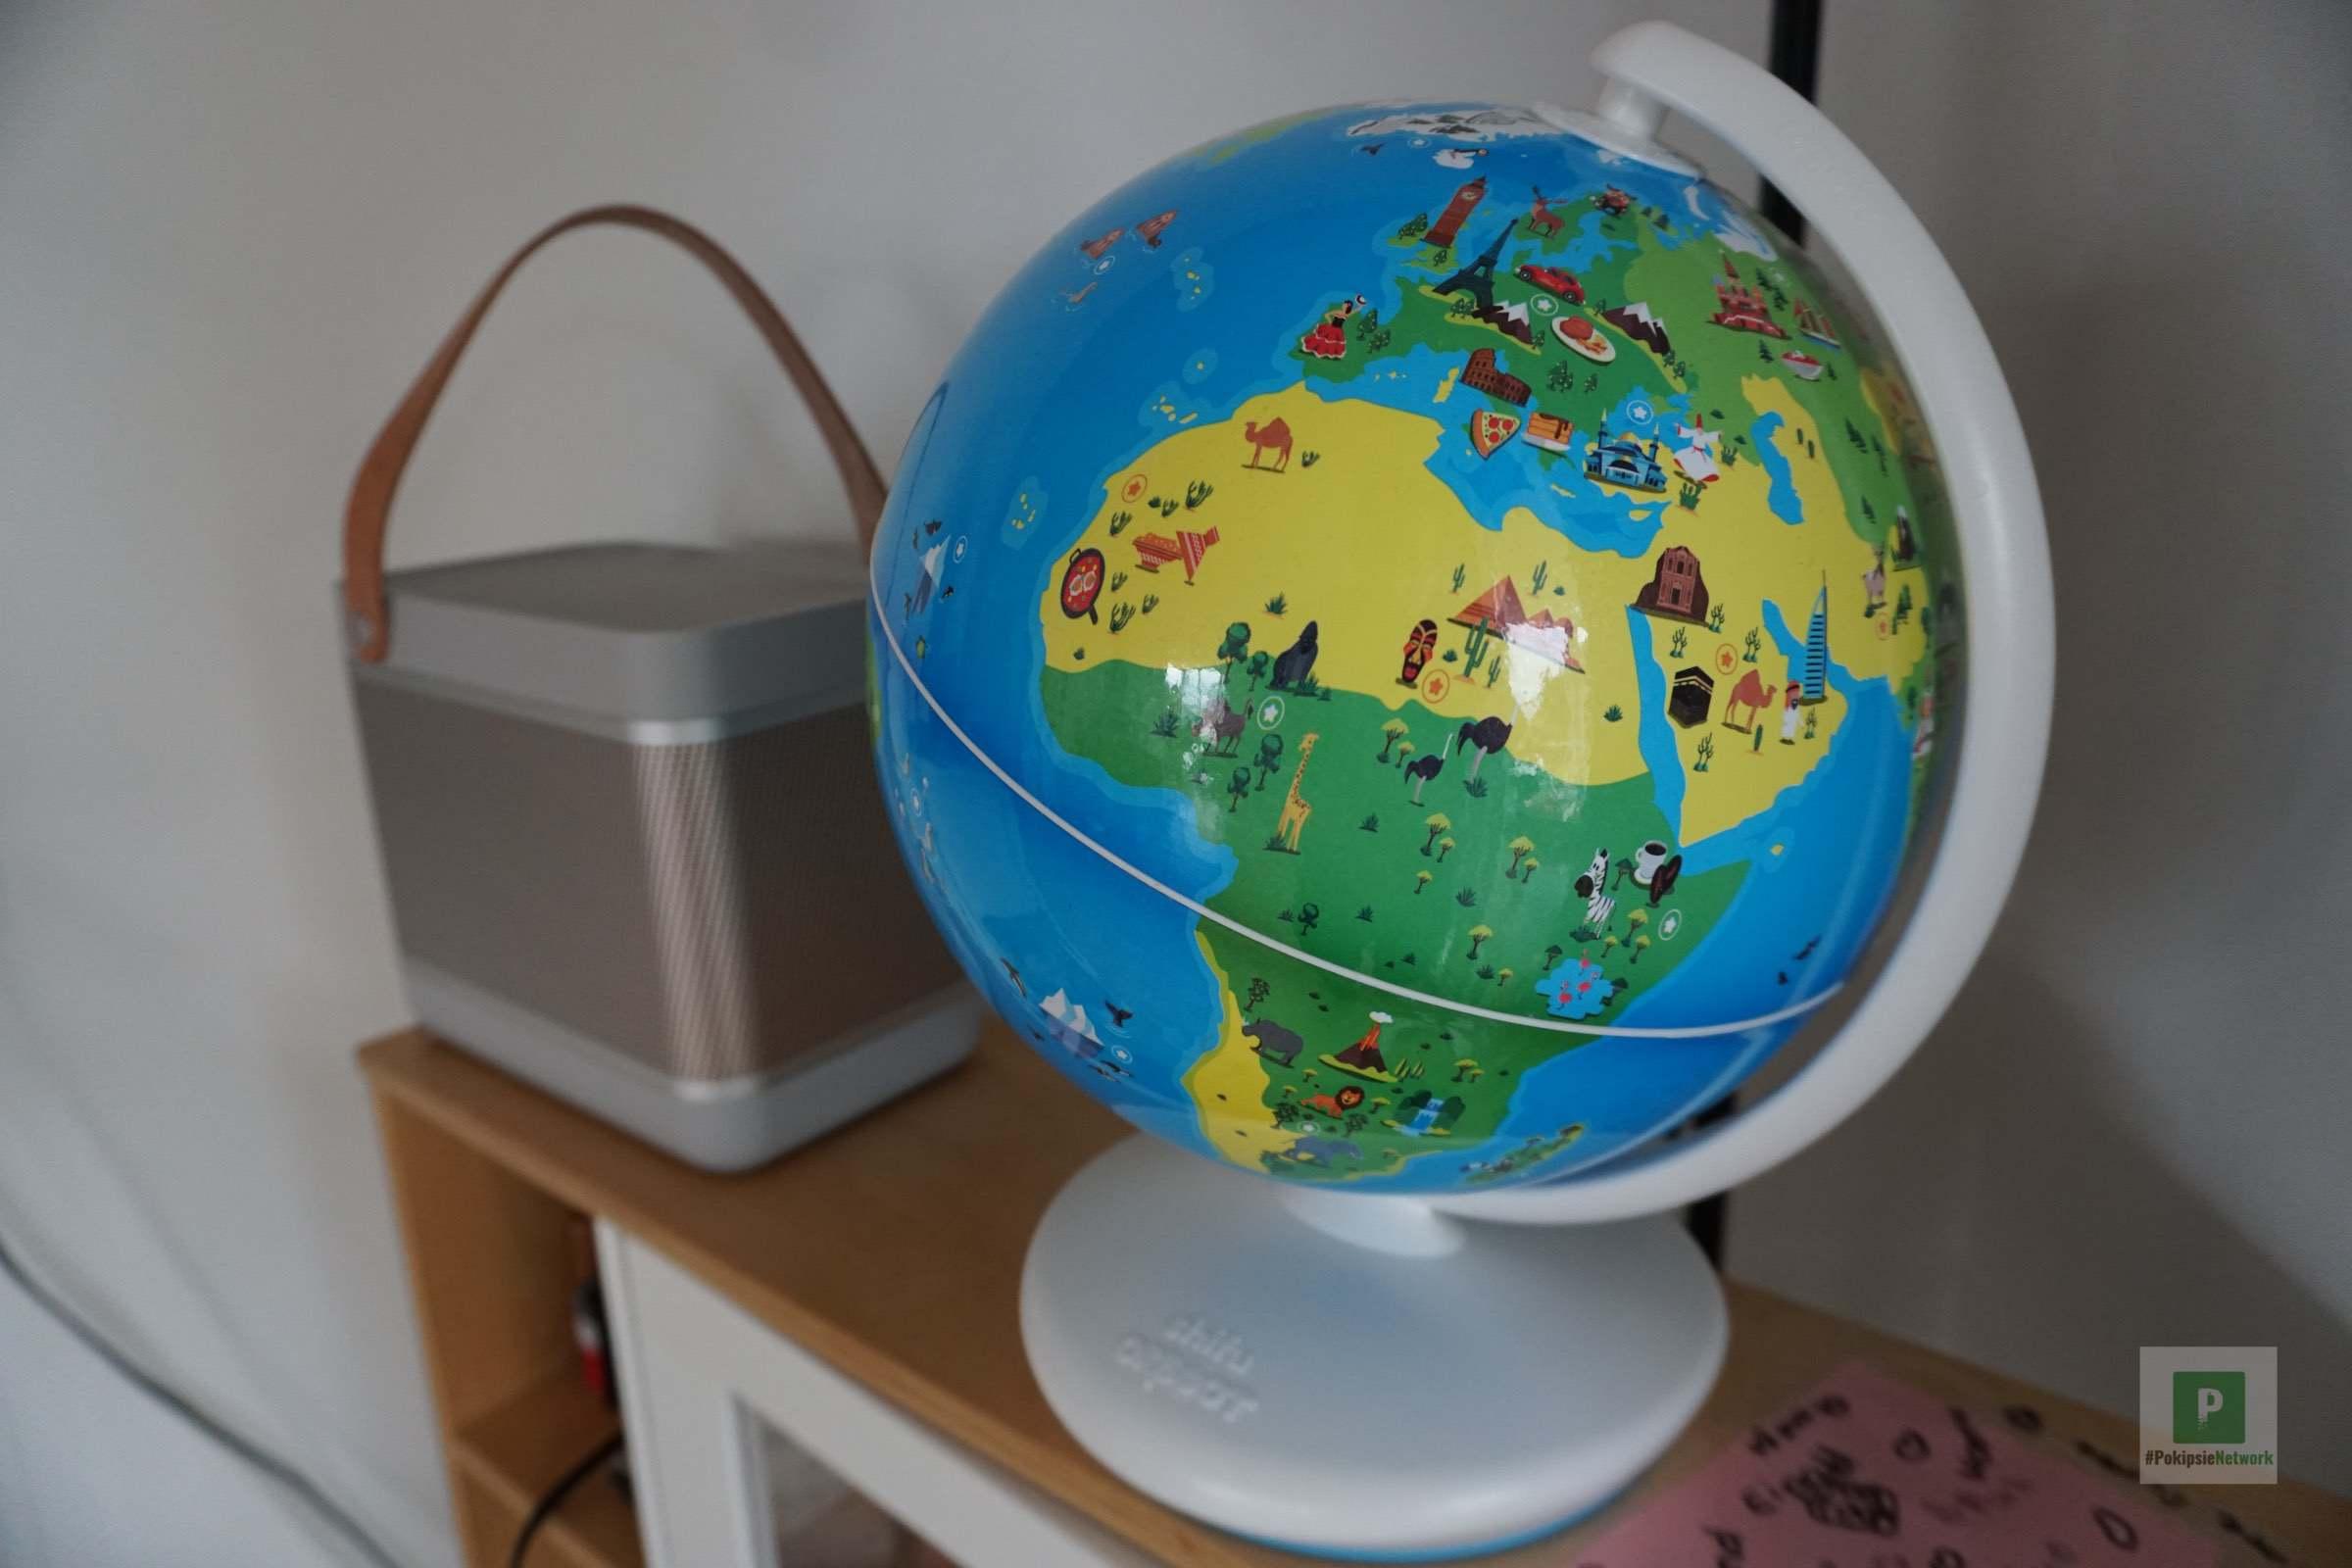 Der Orboot Globus